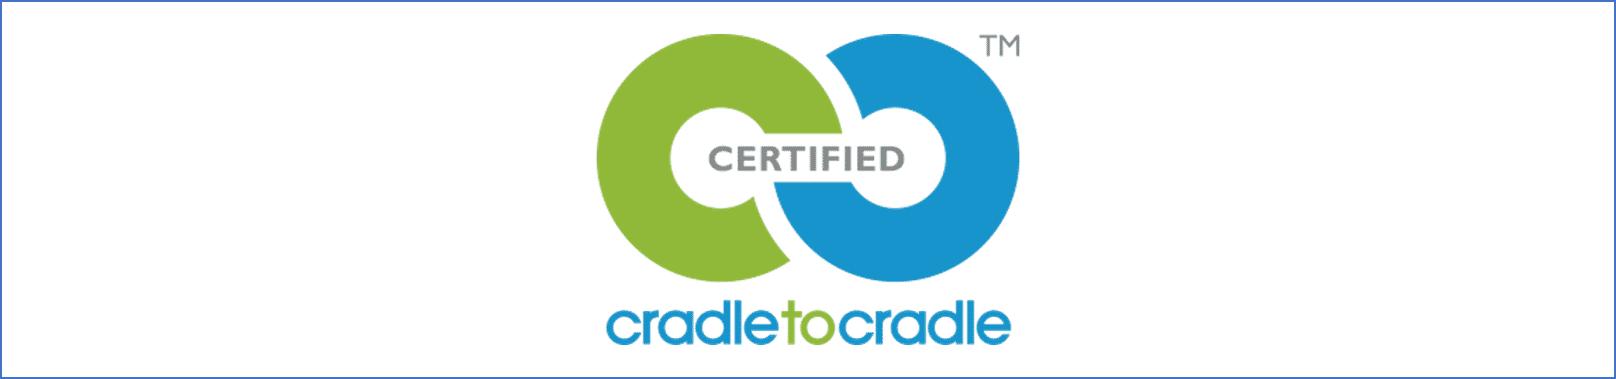 Cradle to cradle vs. Recycling: wat is het verschil?